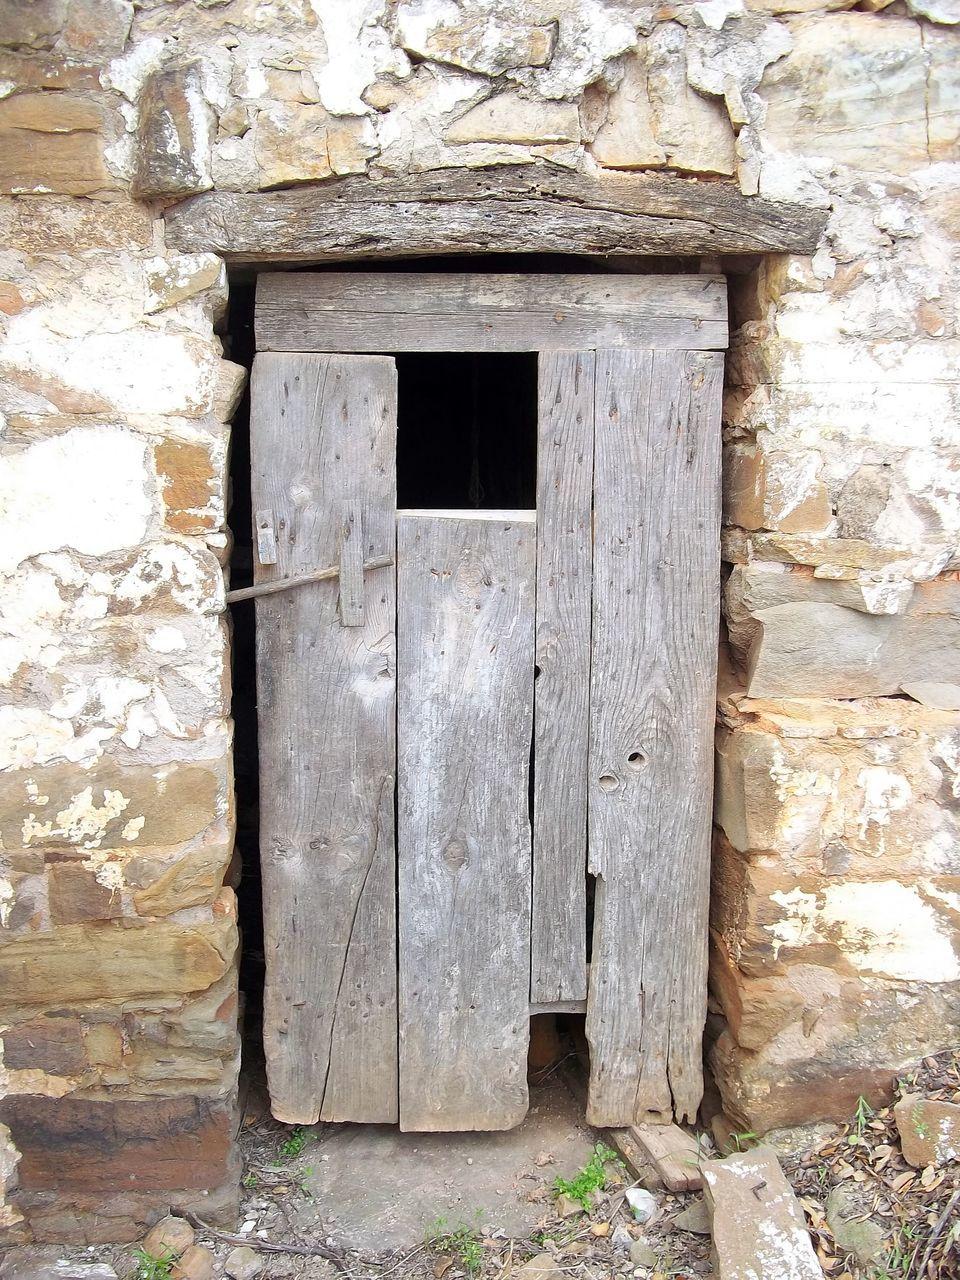 architecture, door, built structure, entrance, building exterior, wood - material, no people, day, window, outdoors, doorway, open door, close-up